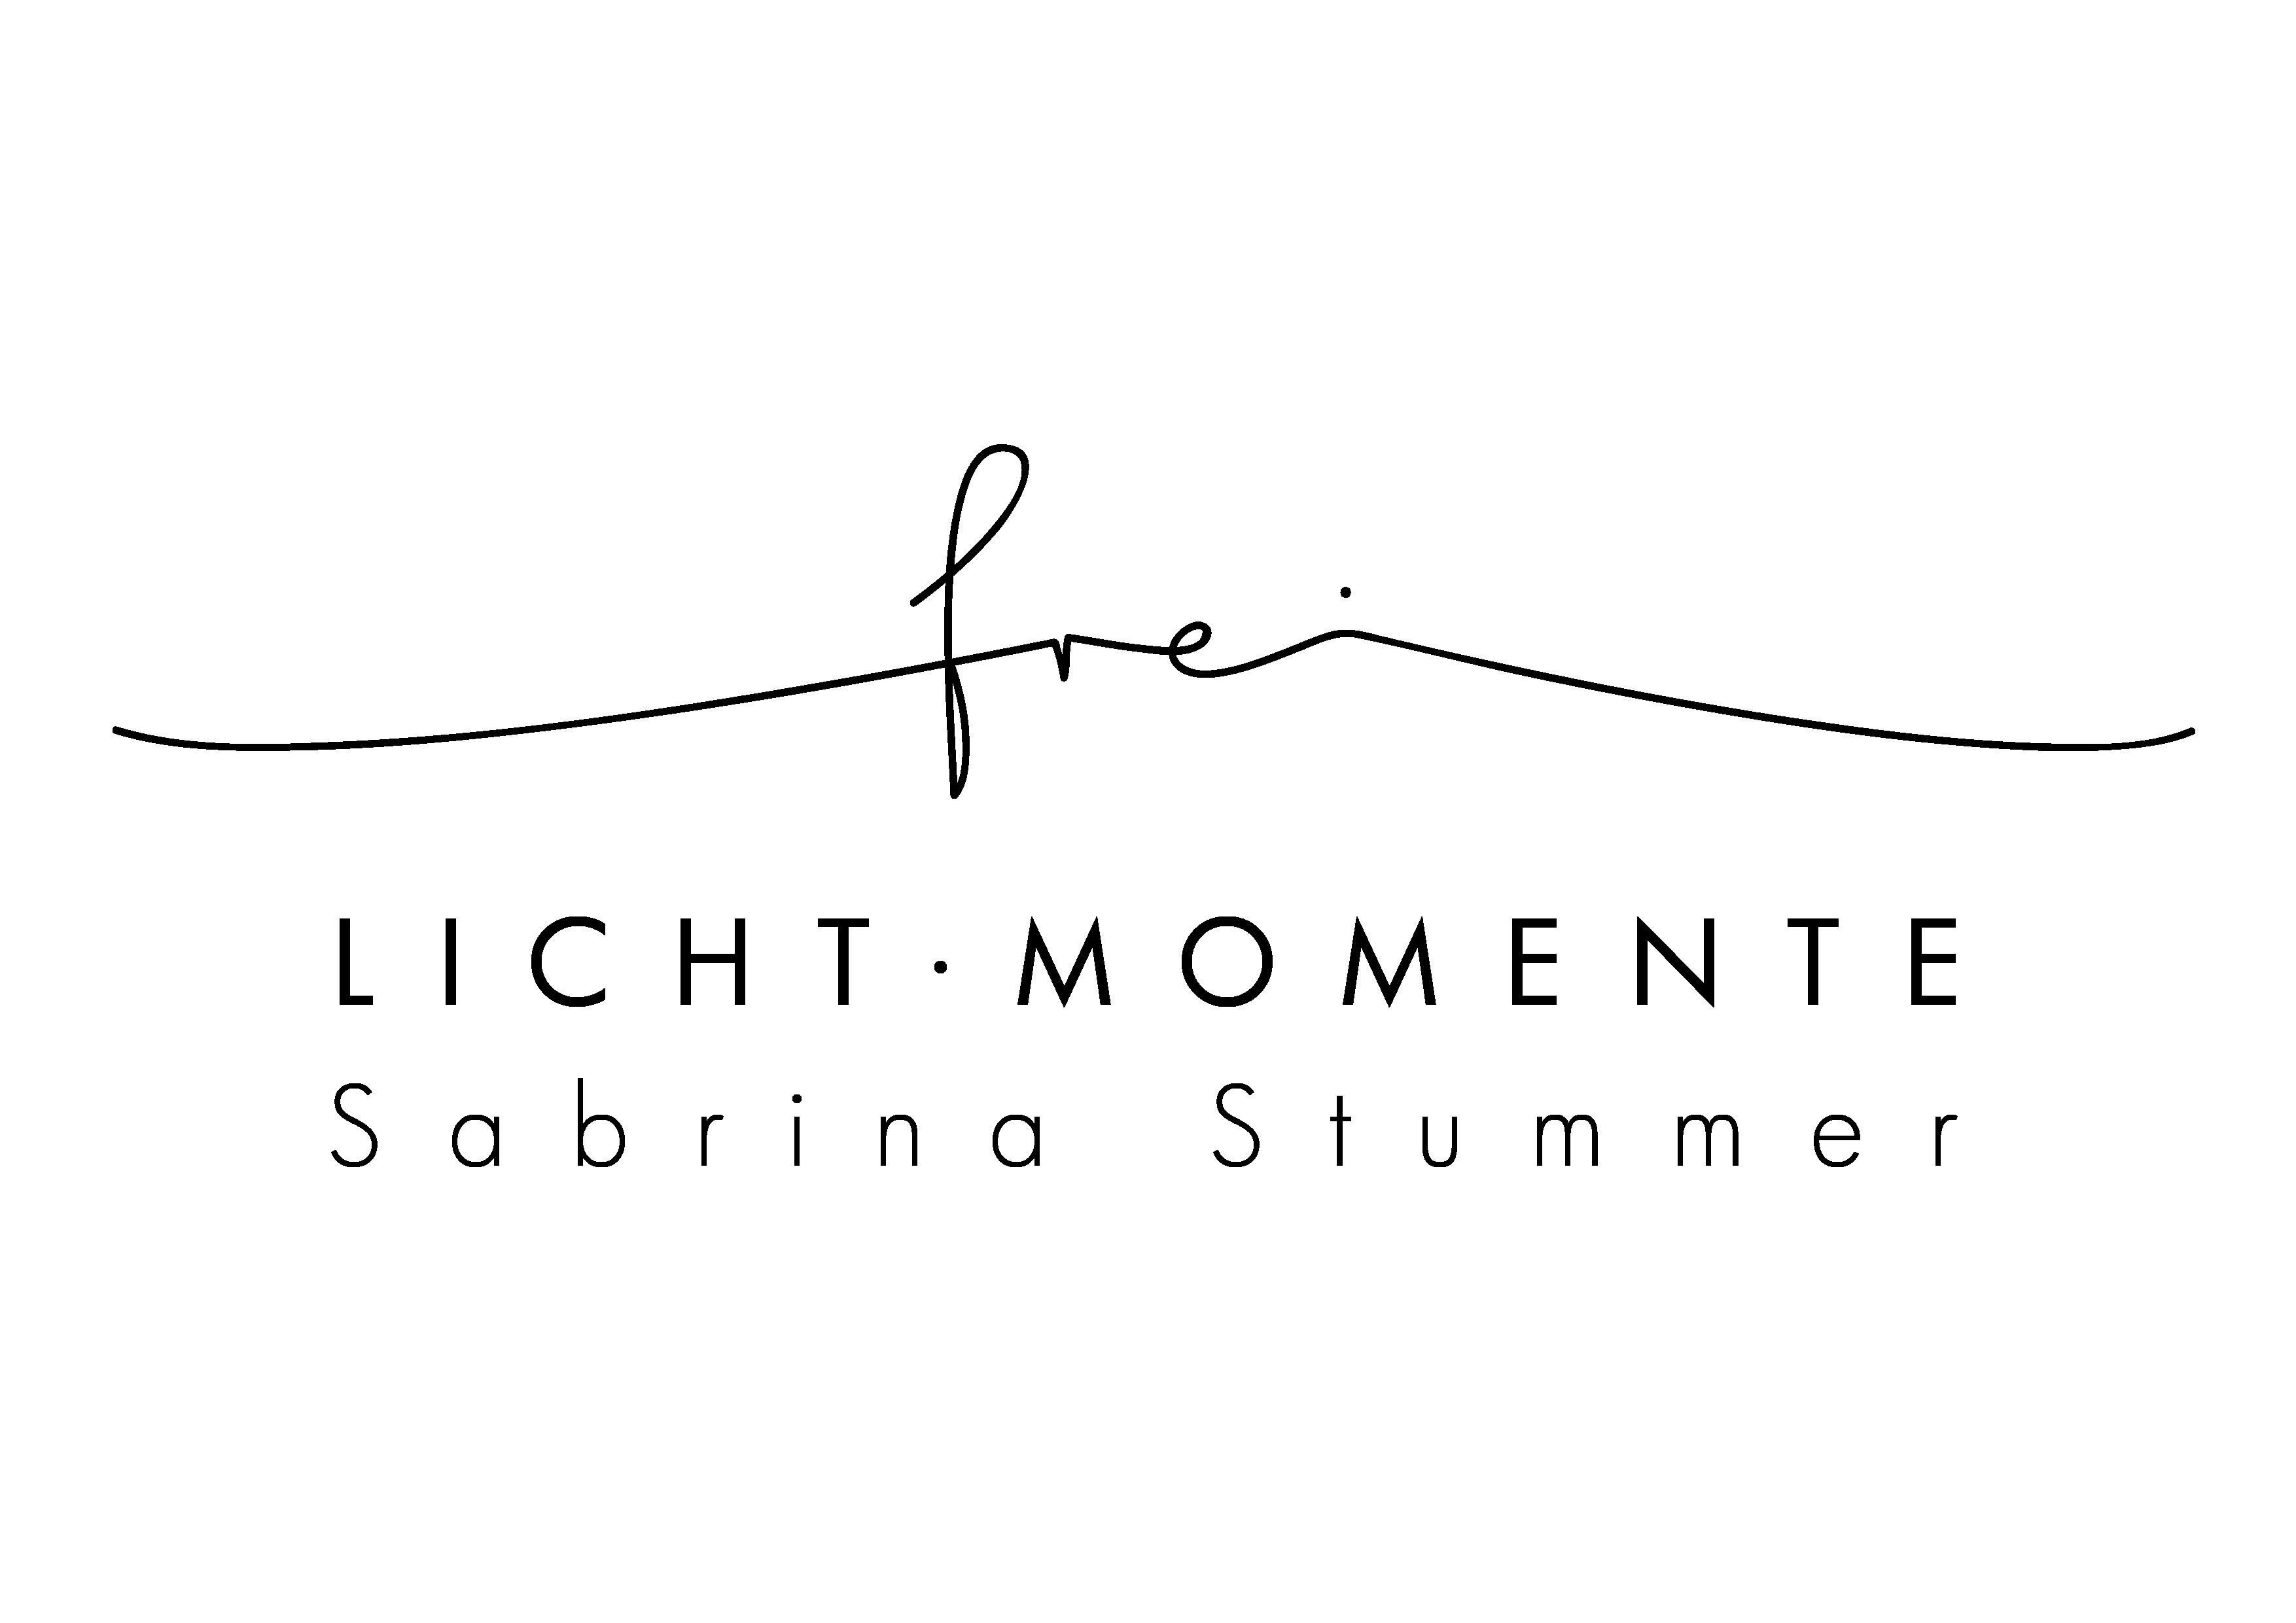 Logo Freilichtmomente